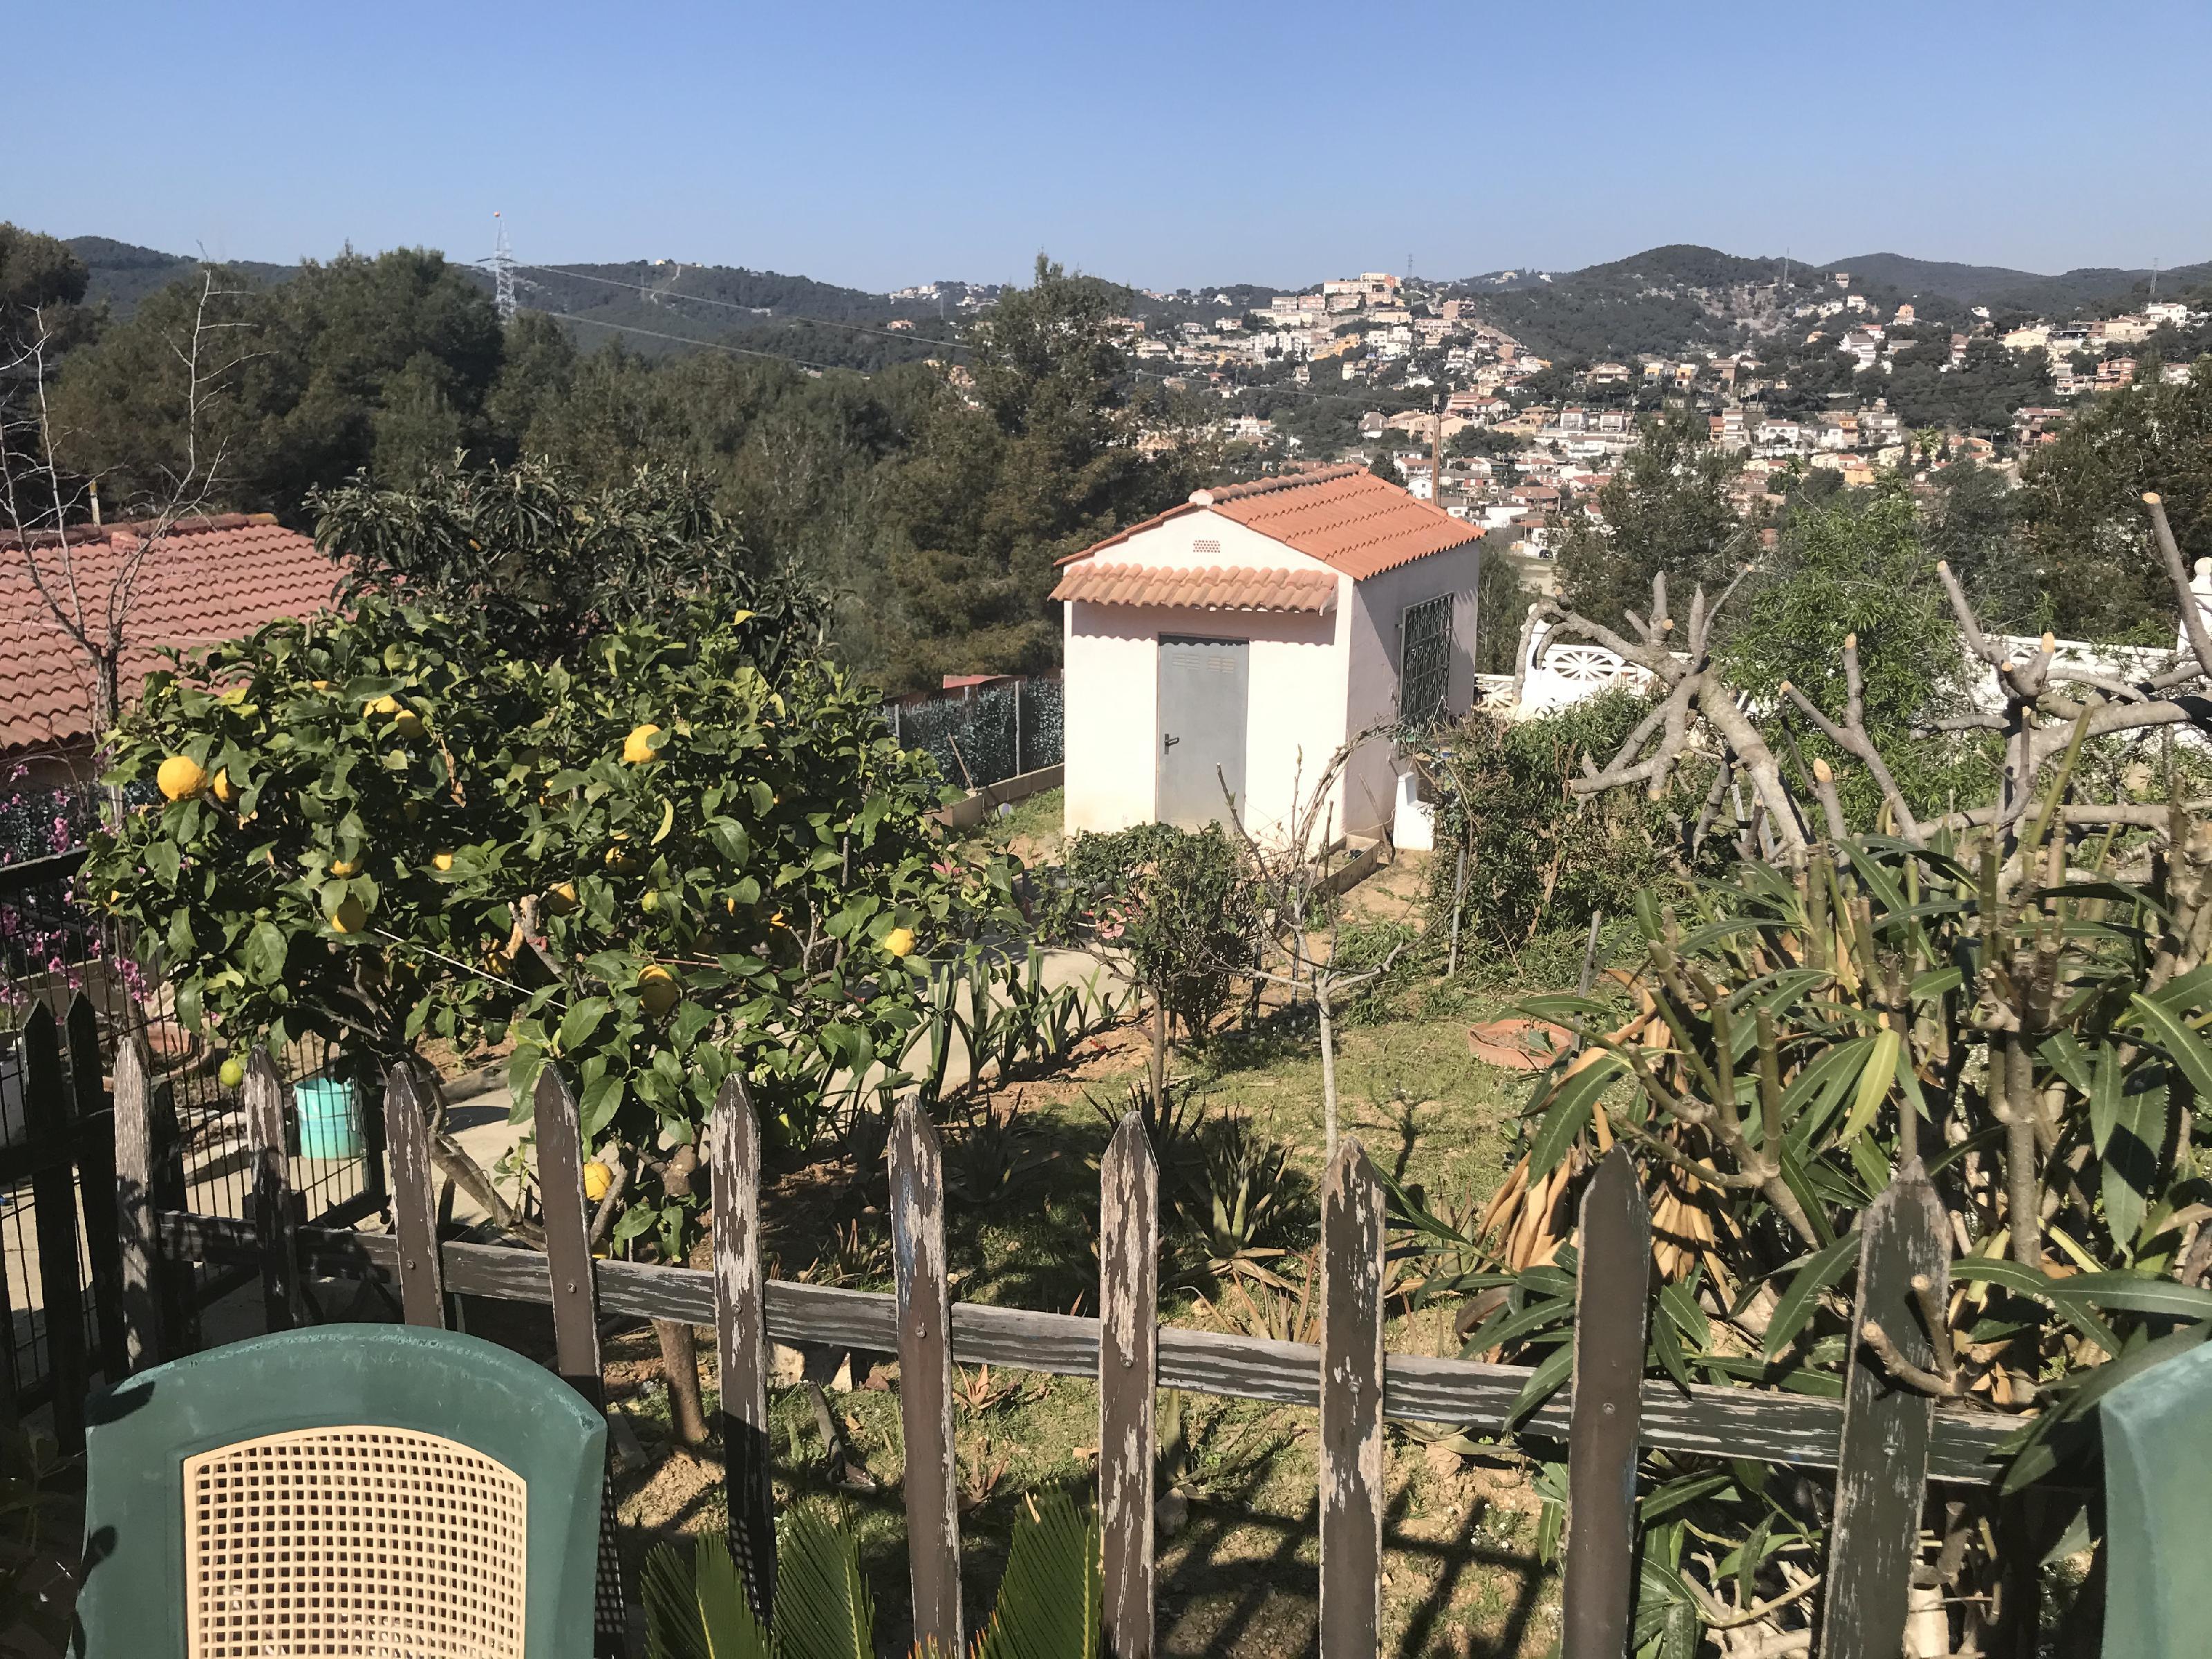 Imagen 3 Casa Aislada en venta en Cubelles / Cerca de Cubelles, a 3 minutos del centro del pueblo.